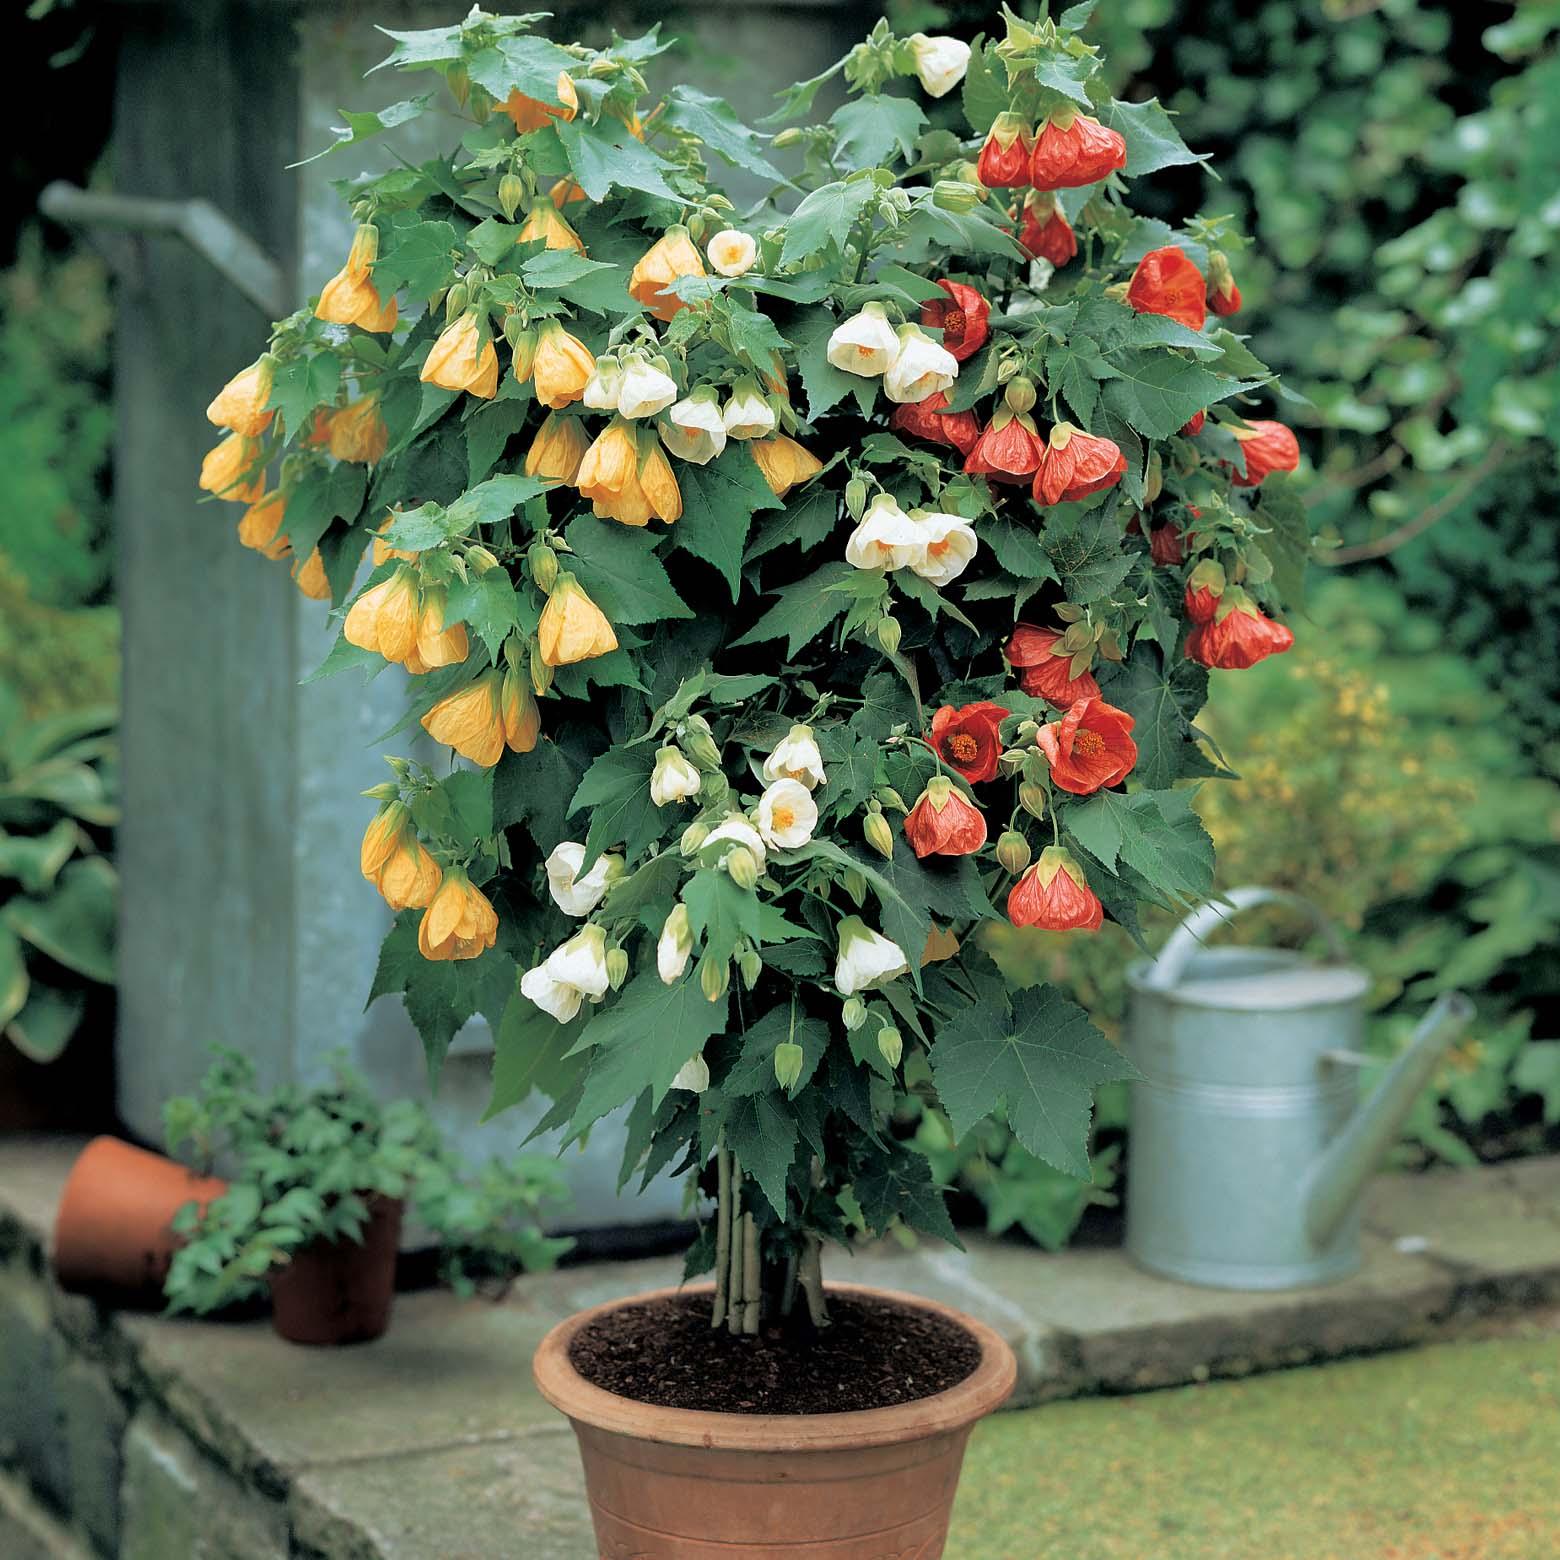 Комнатный цветок его выращивание 691